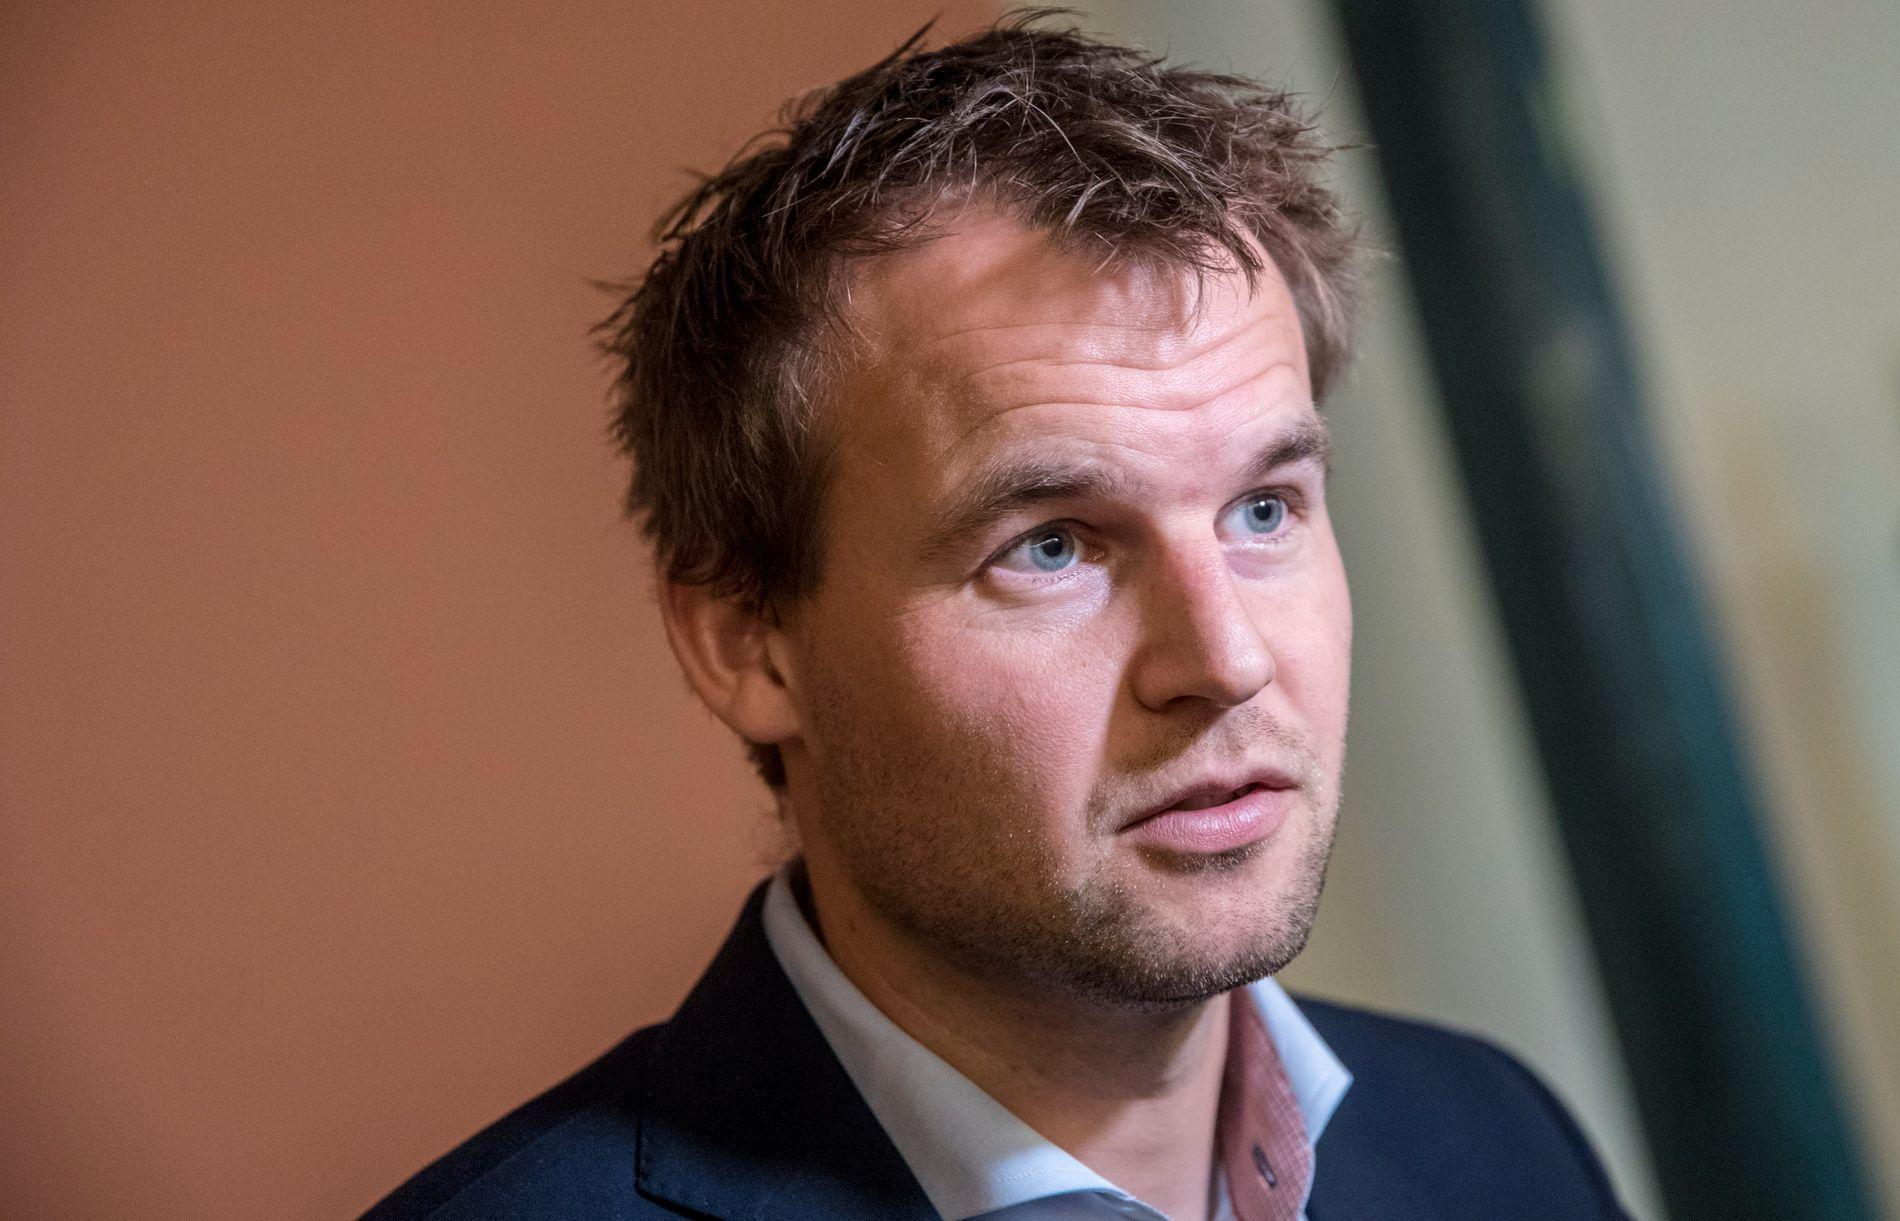 IKKE MINDRE FARLIG: Rusmidler blir ikke mindre farlig om man regulerer det i statlige utsalgssteder, skriver nestleder i KrF, Kjell Ingolf Ropstad.